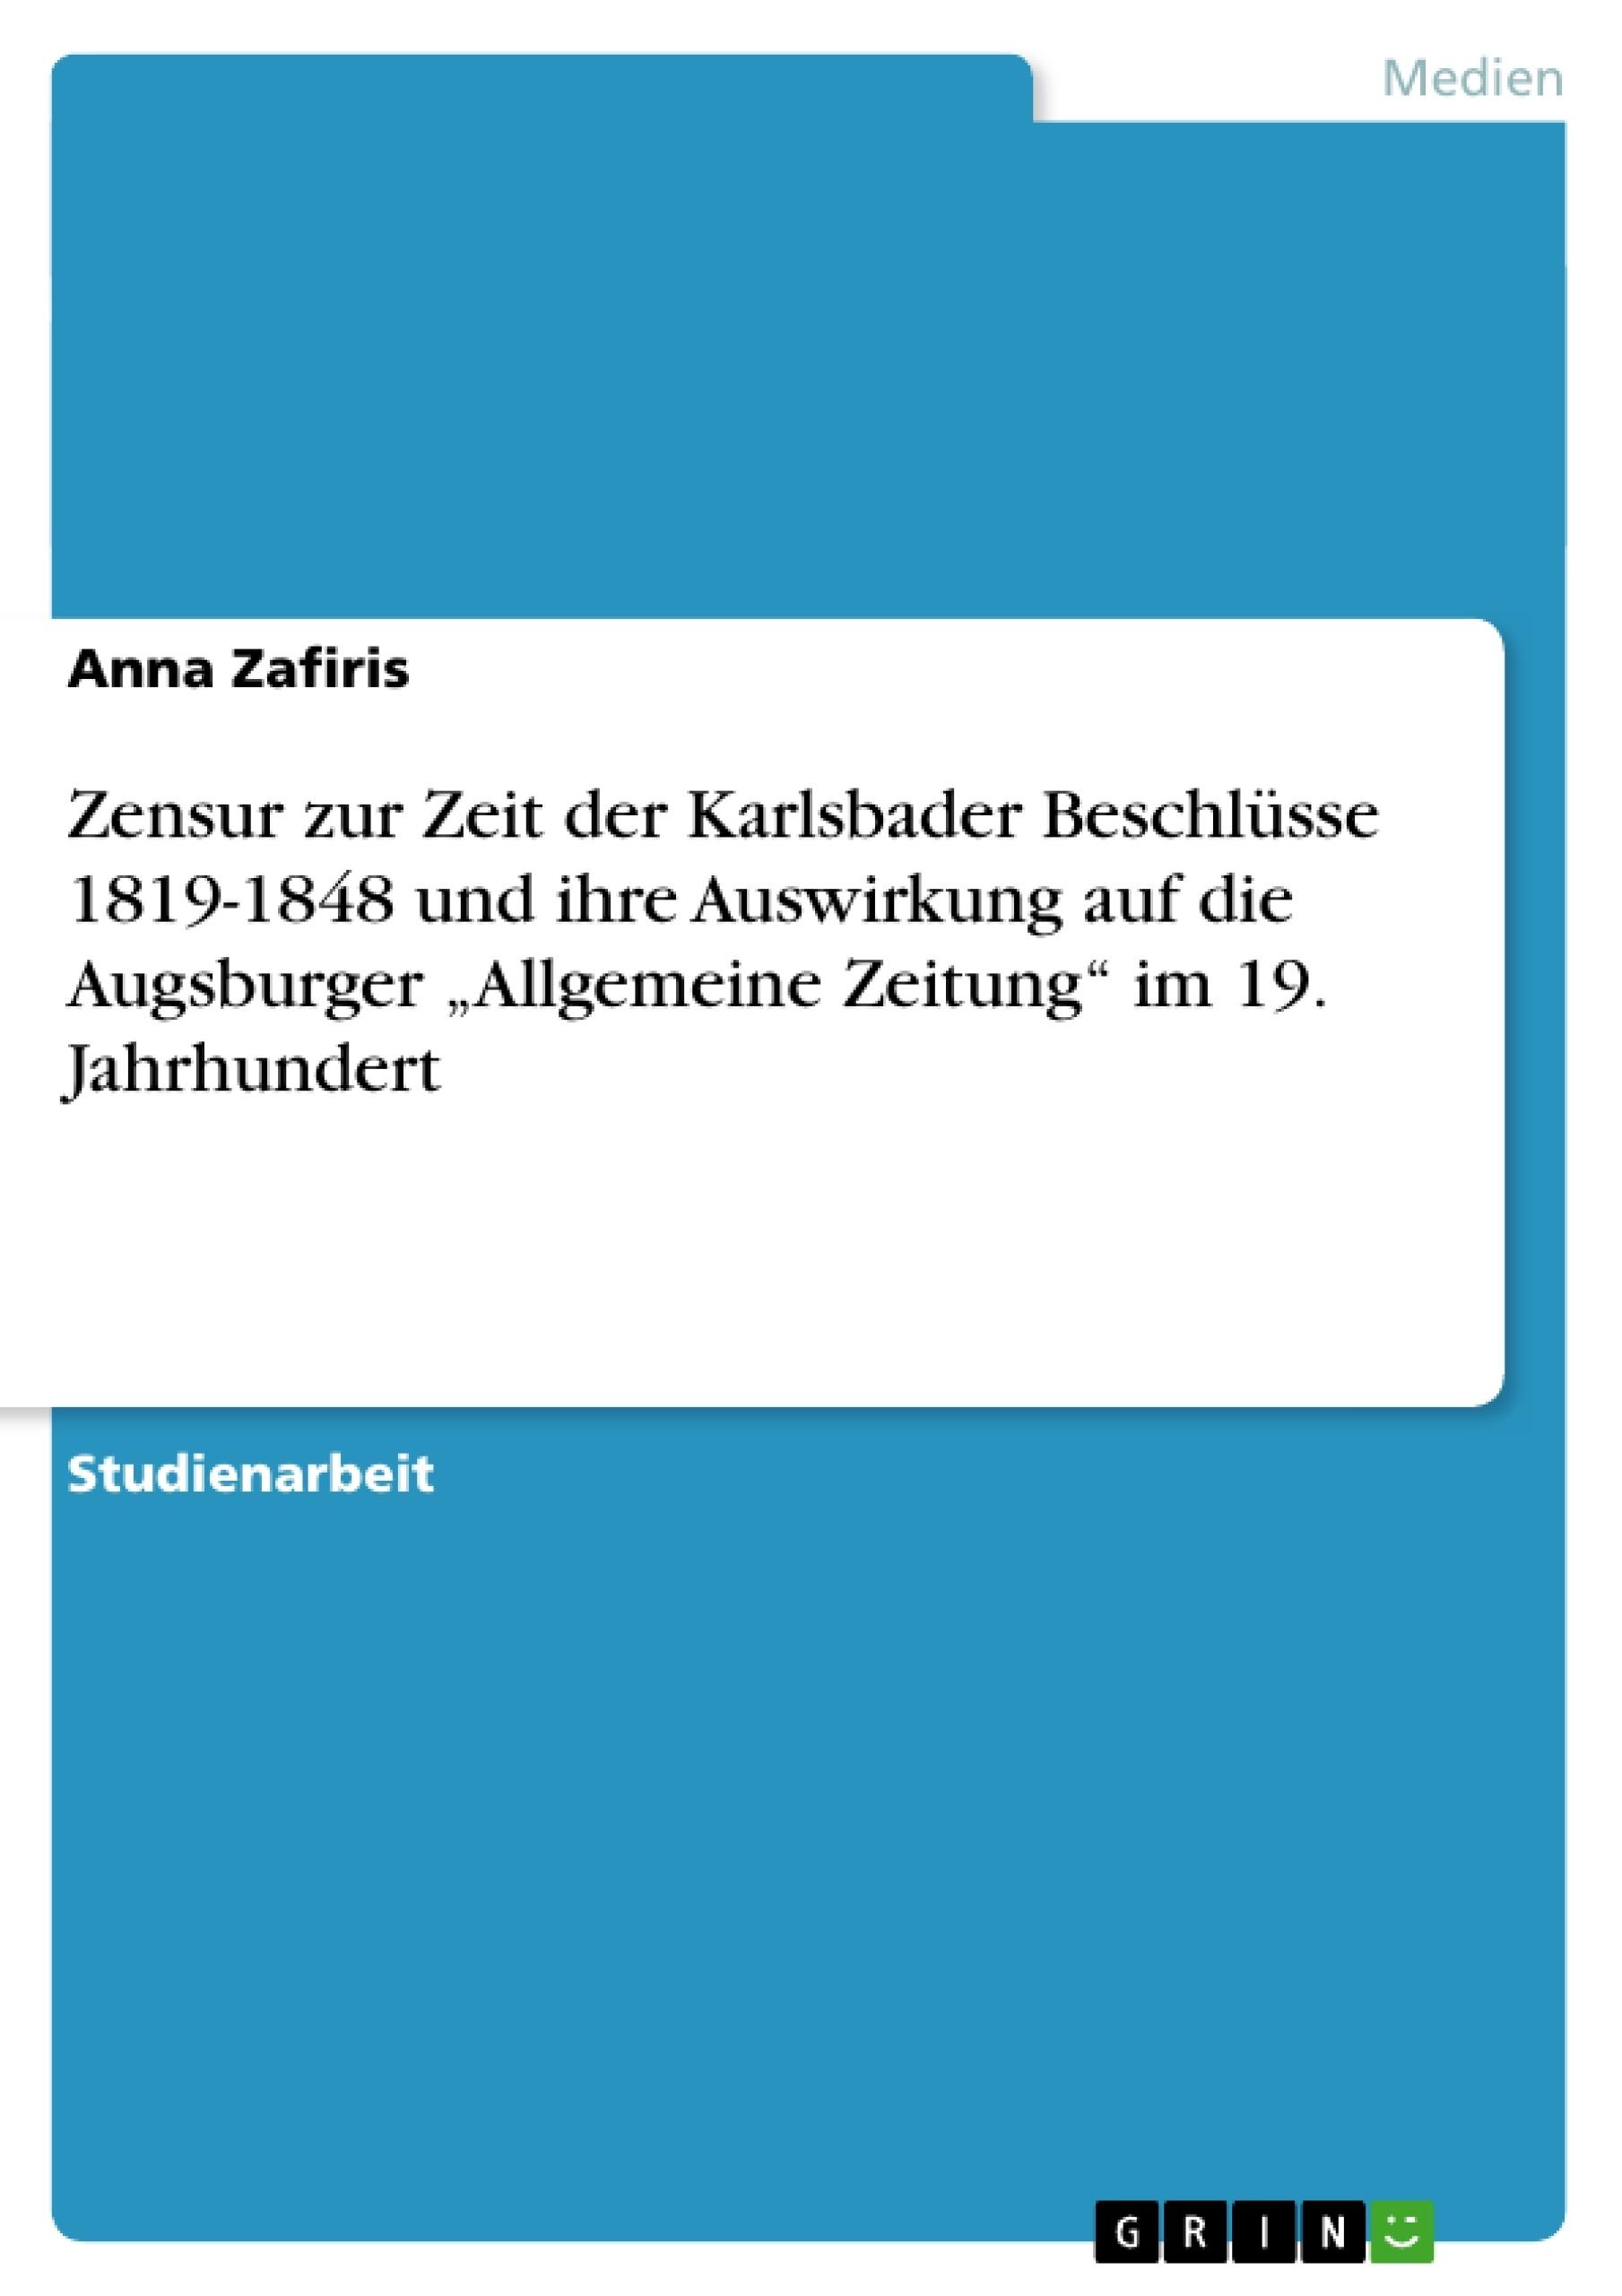 """Titel: Zensur zur Zeit der Karlsbader Beschlüsse 1819-1848 und ihre Auswirkung auf die Augsburger """"Allgemeine Zeitung"""" im 19. Jahrhundert"""